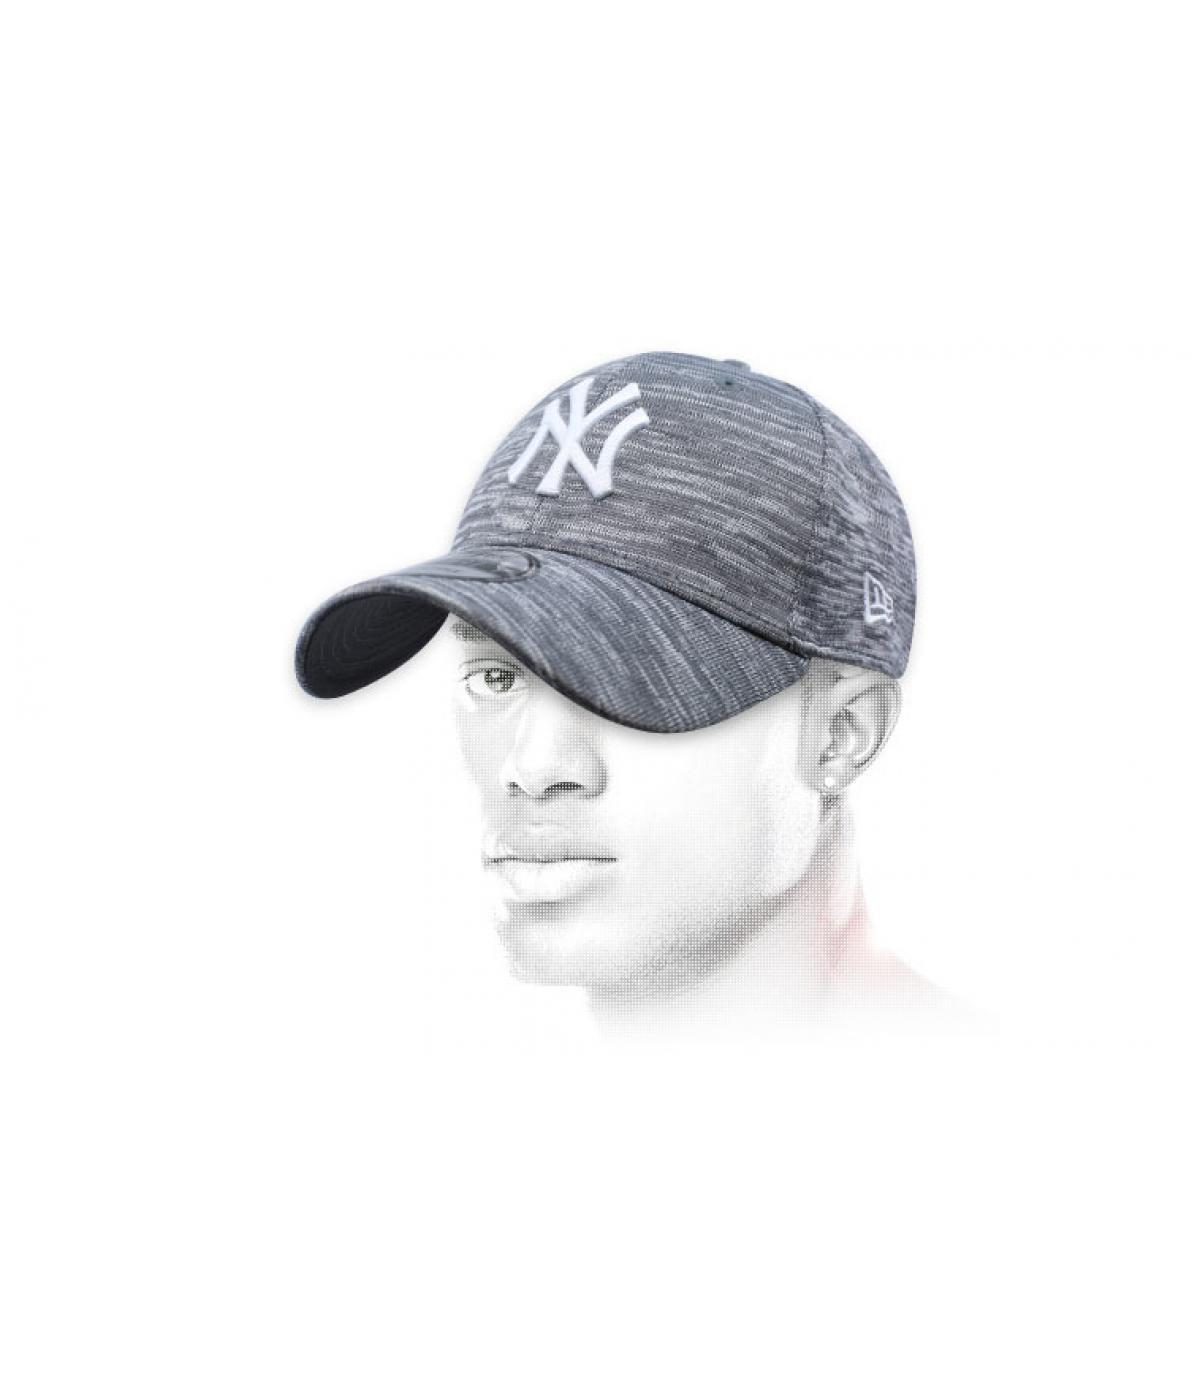 heather grey NY cap Engineered